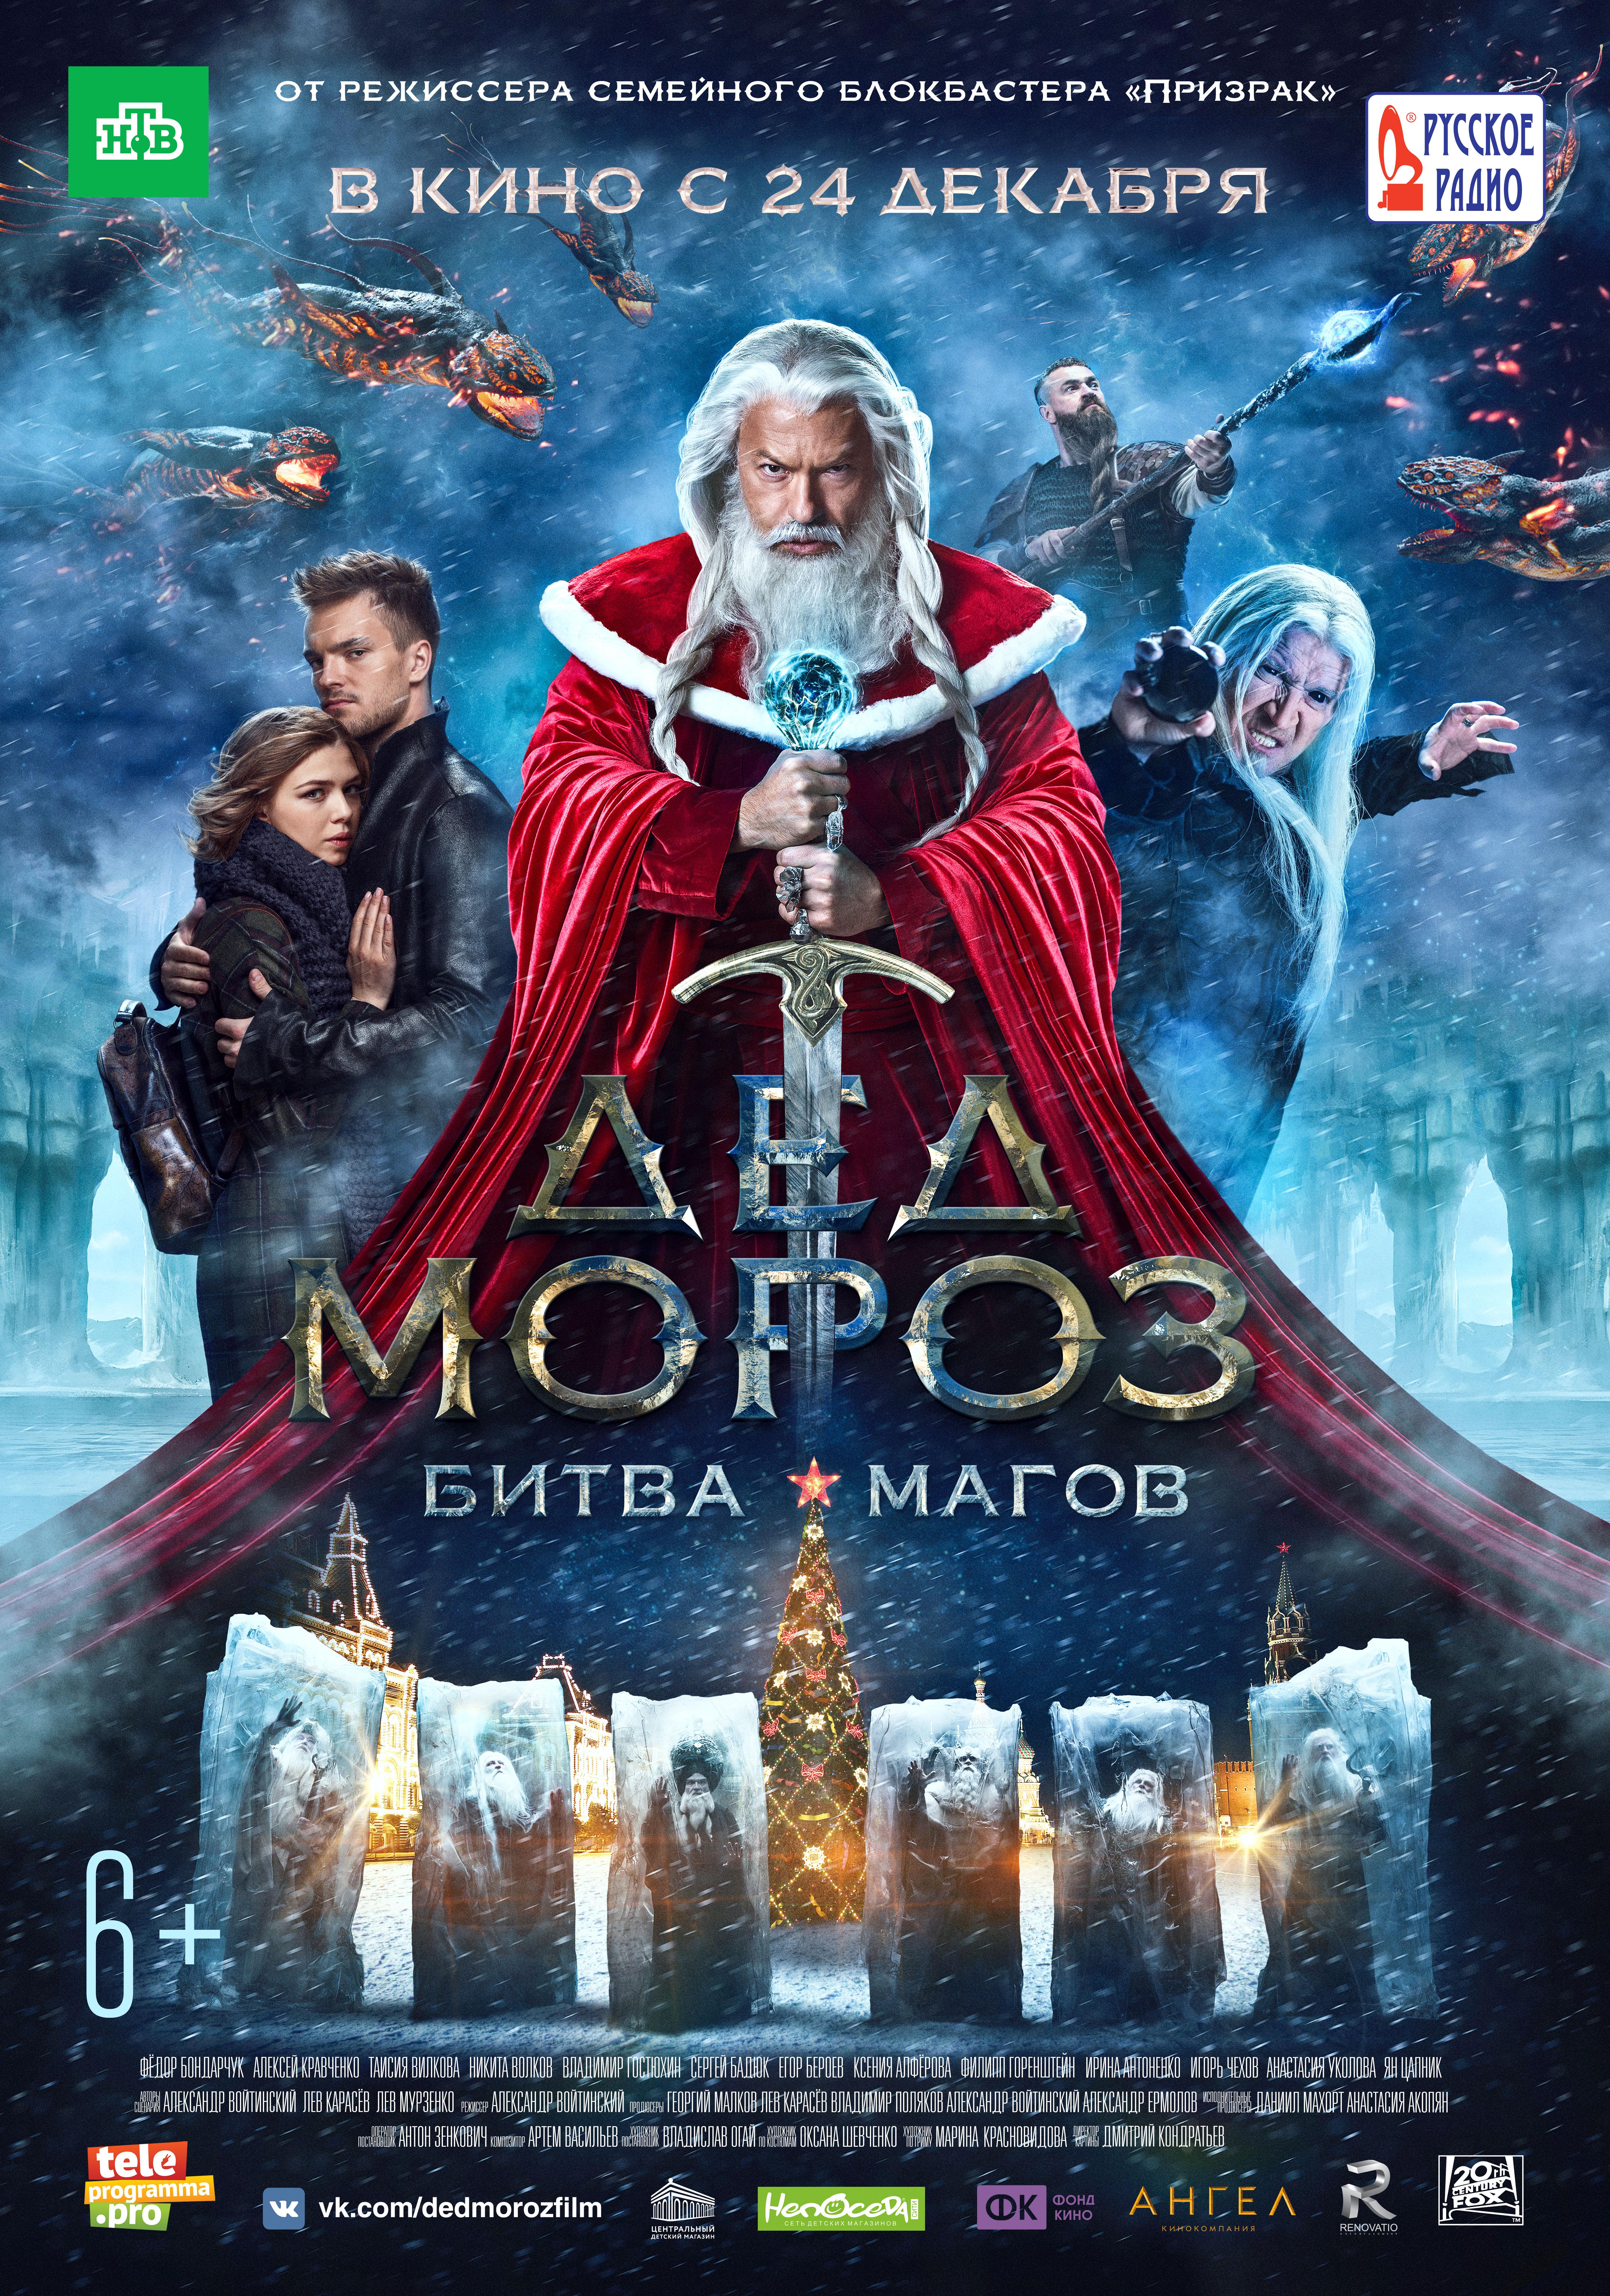 Какие фильмы будут идти в январе 2018